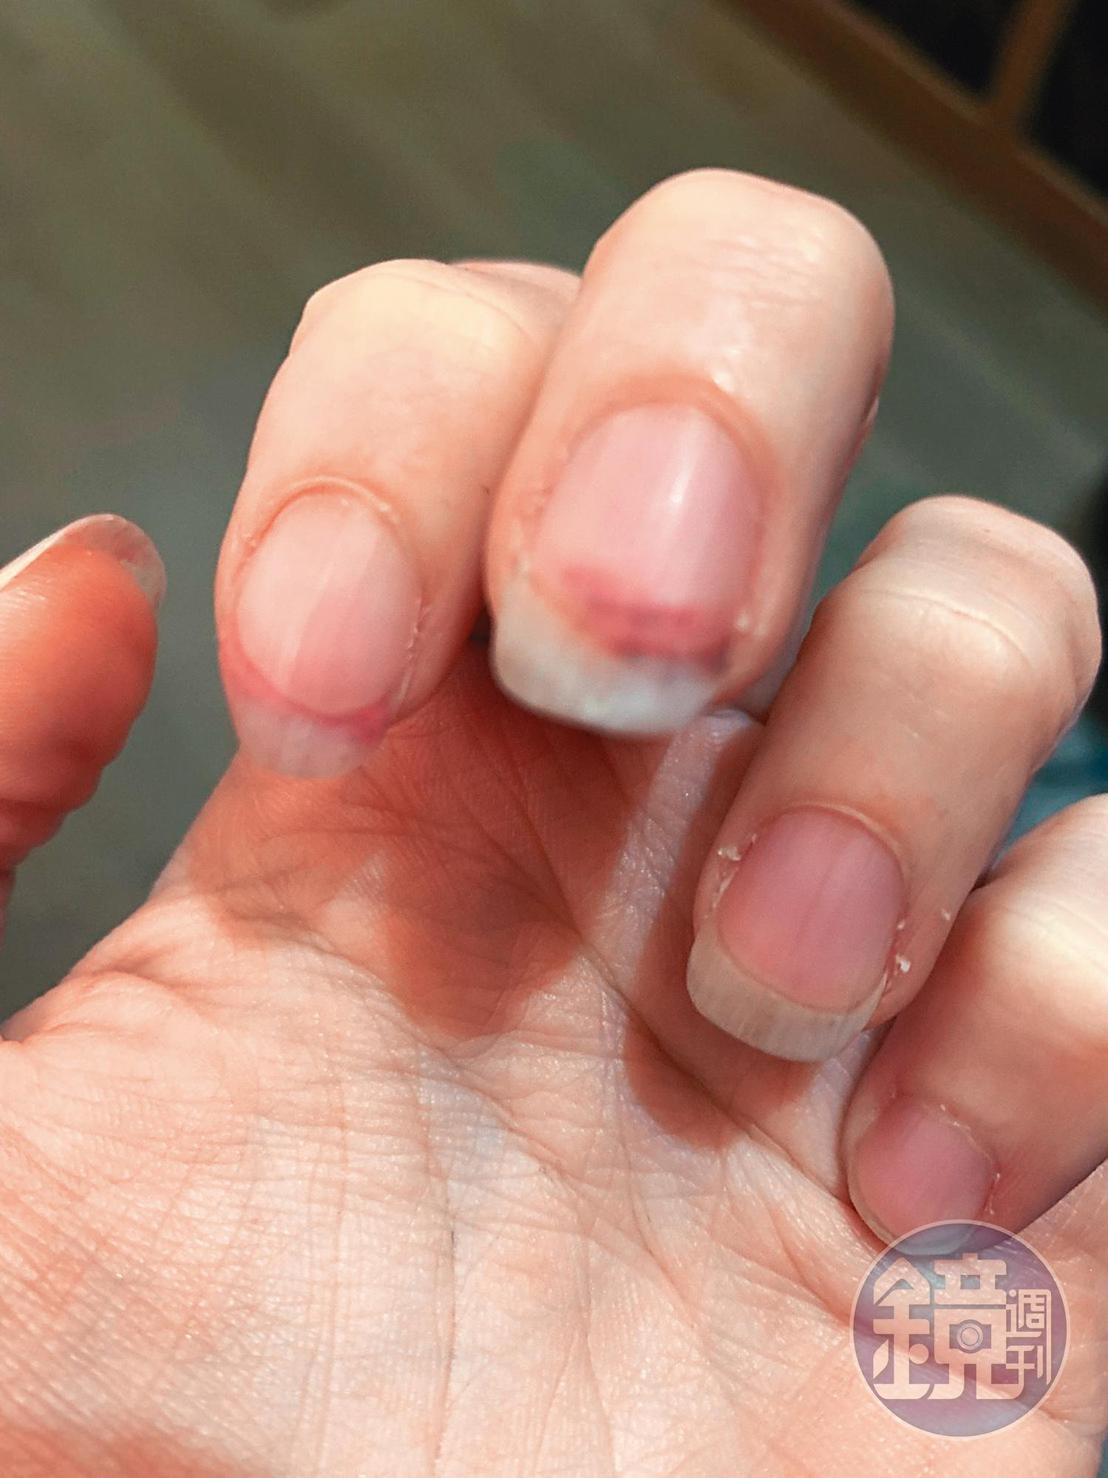 張劭緯跨年夜返家,和老婆起爭執又推擠,安晨妤被家暴後,乳溝出現一片瘀青;手指頭也因用力推拉而出血。(讀者提供)